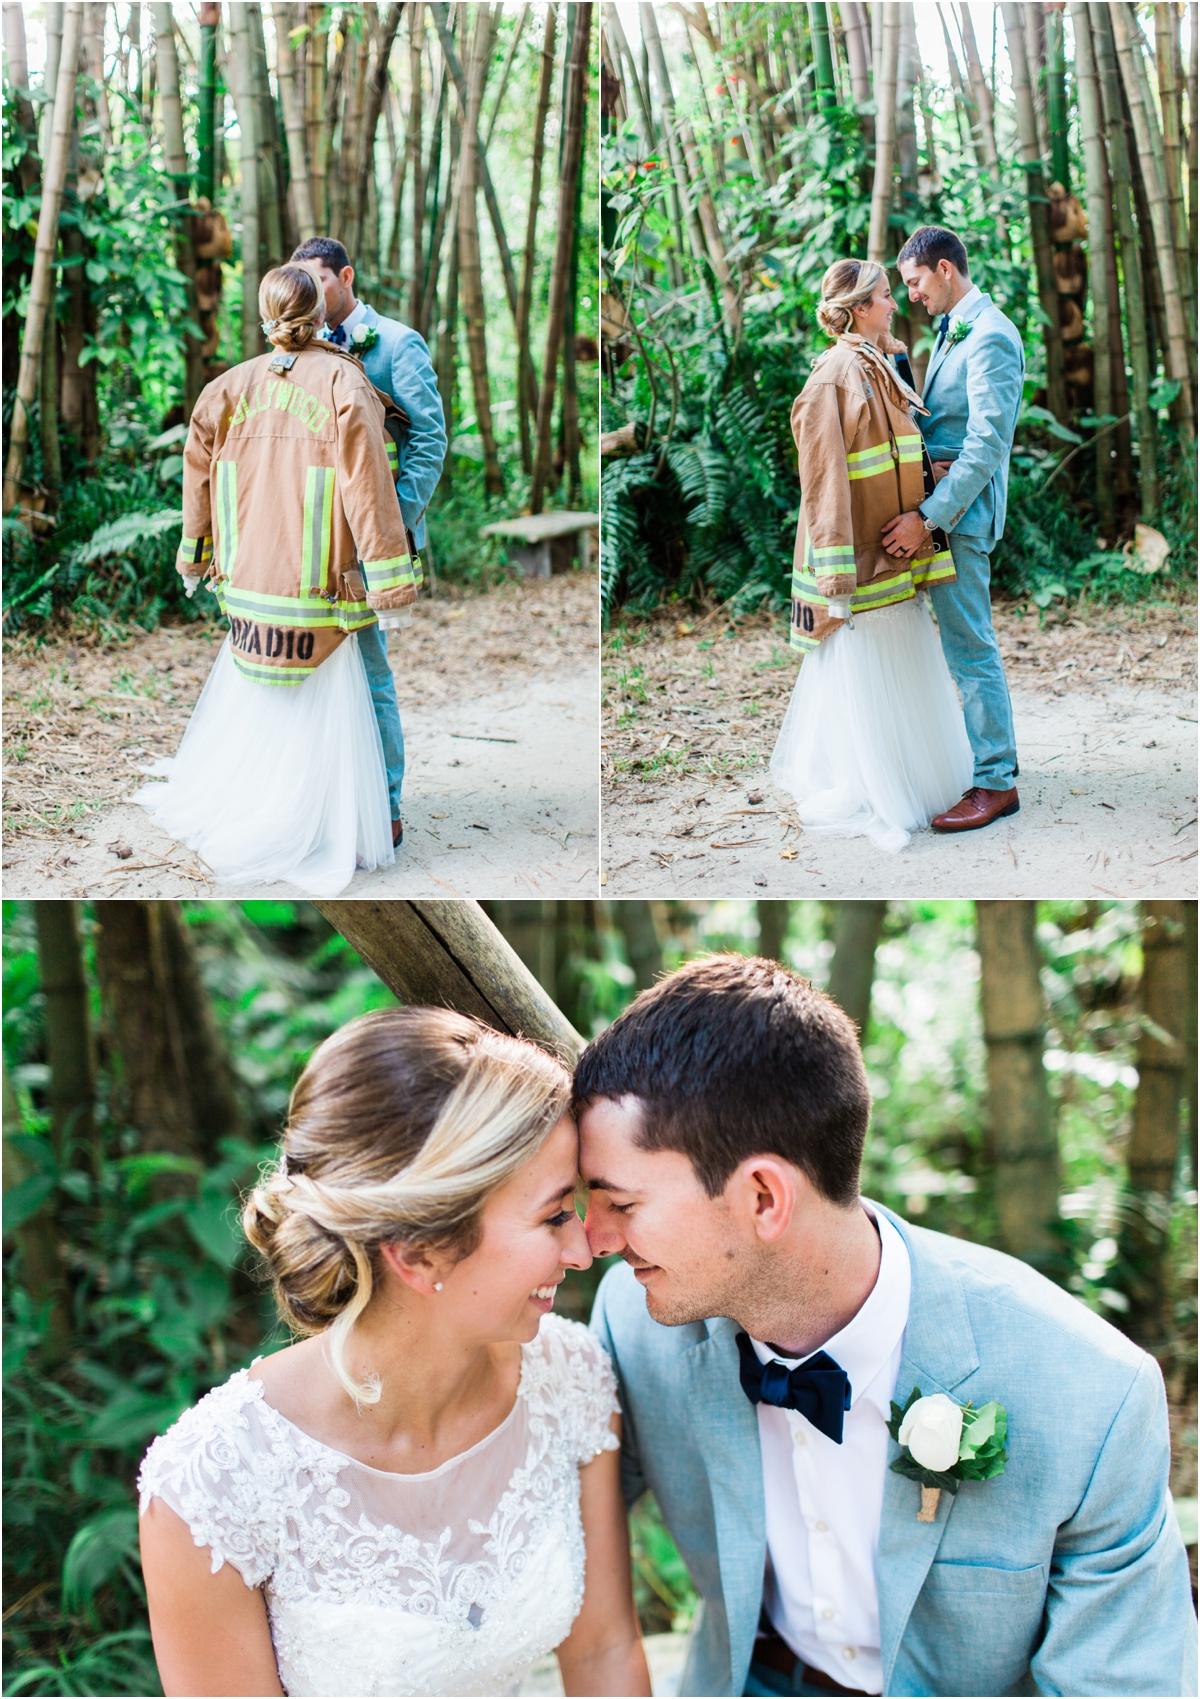 Waldos-Secret-Garden-Wedding-Photos-Vero_0017